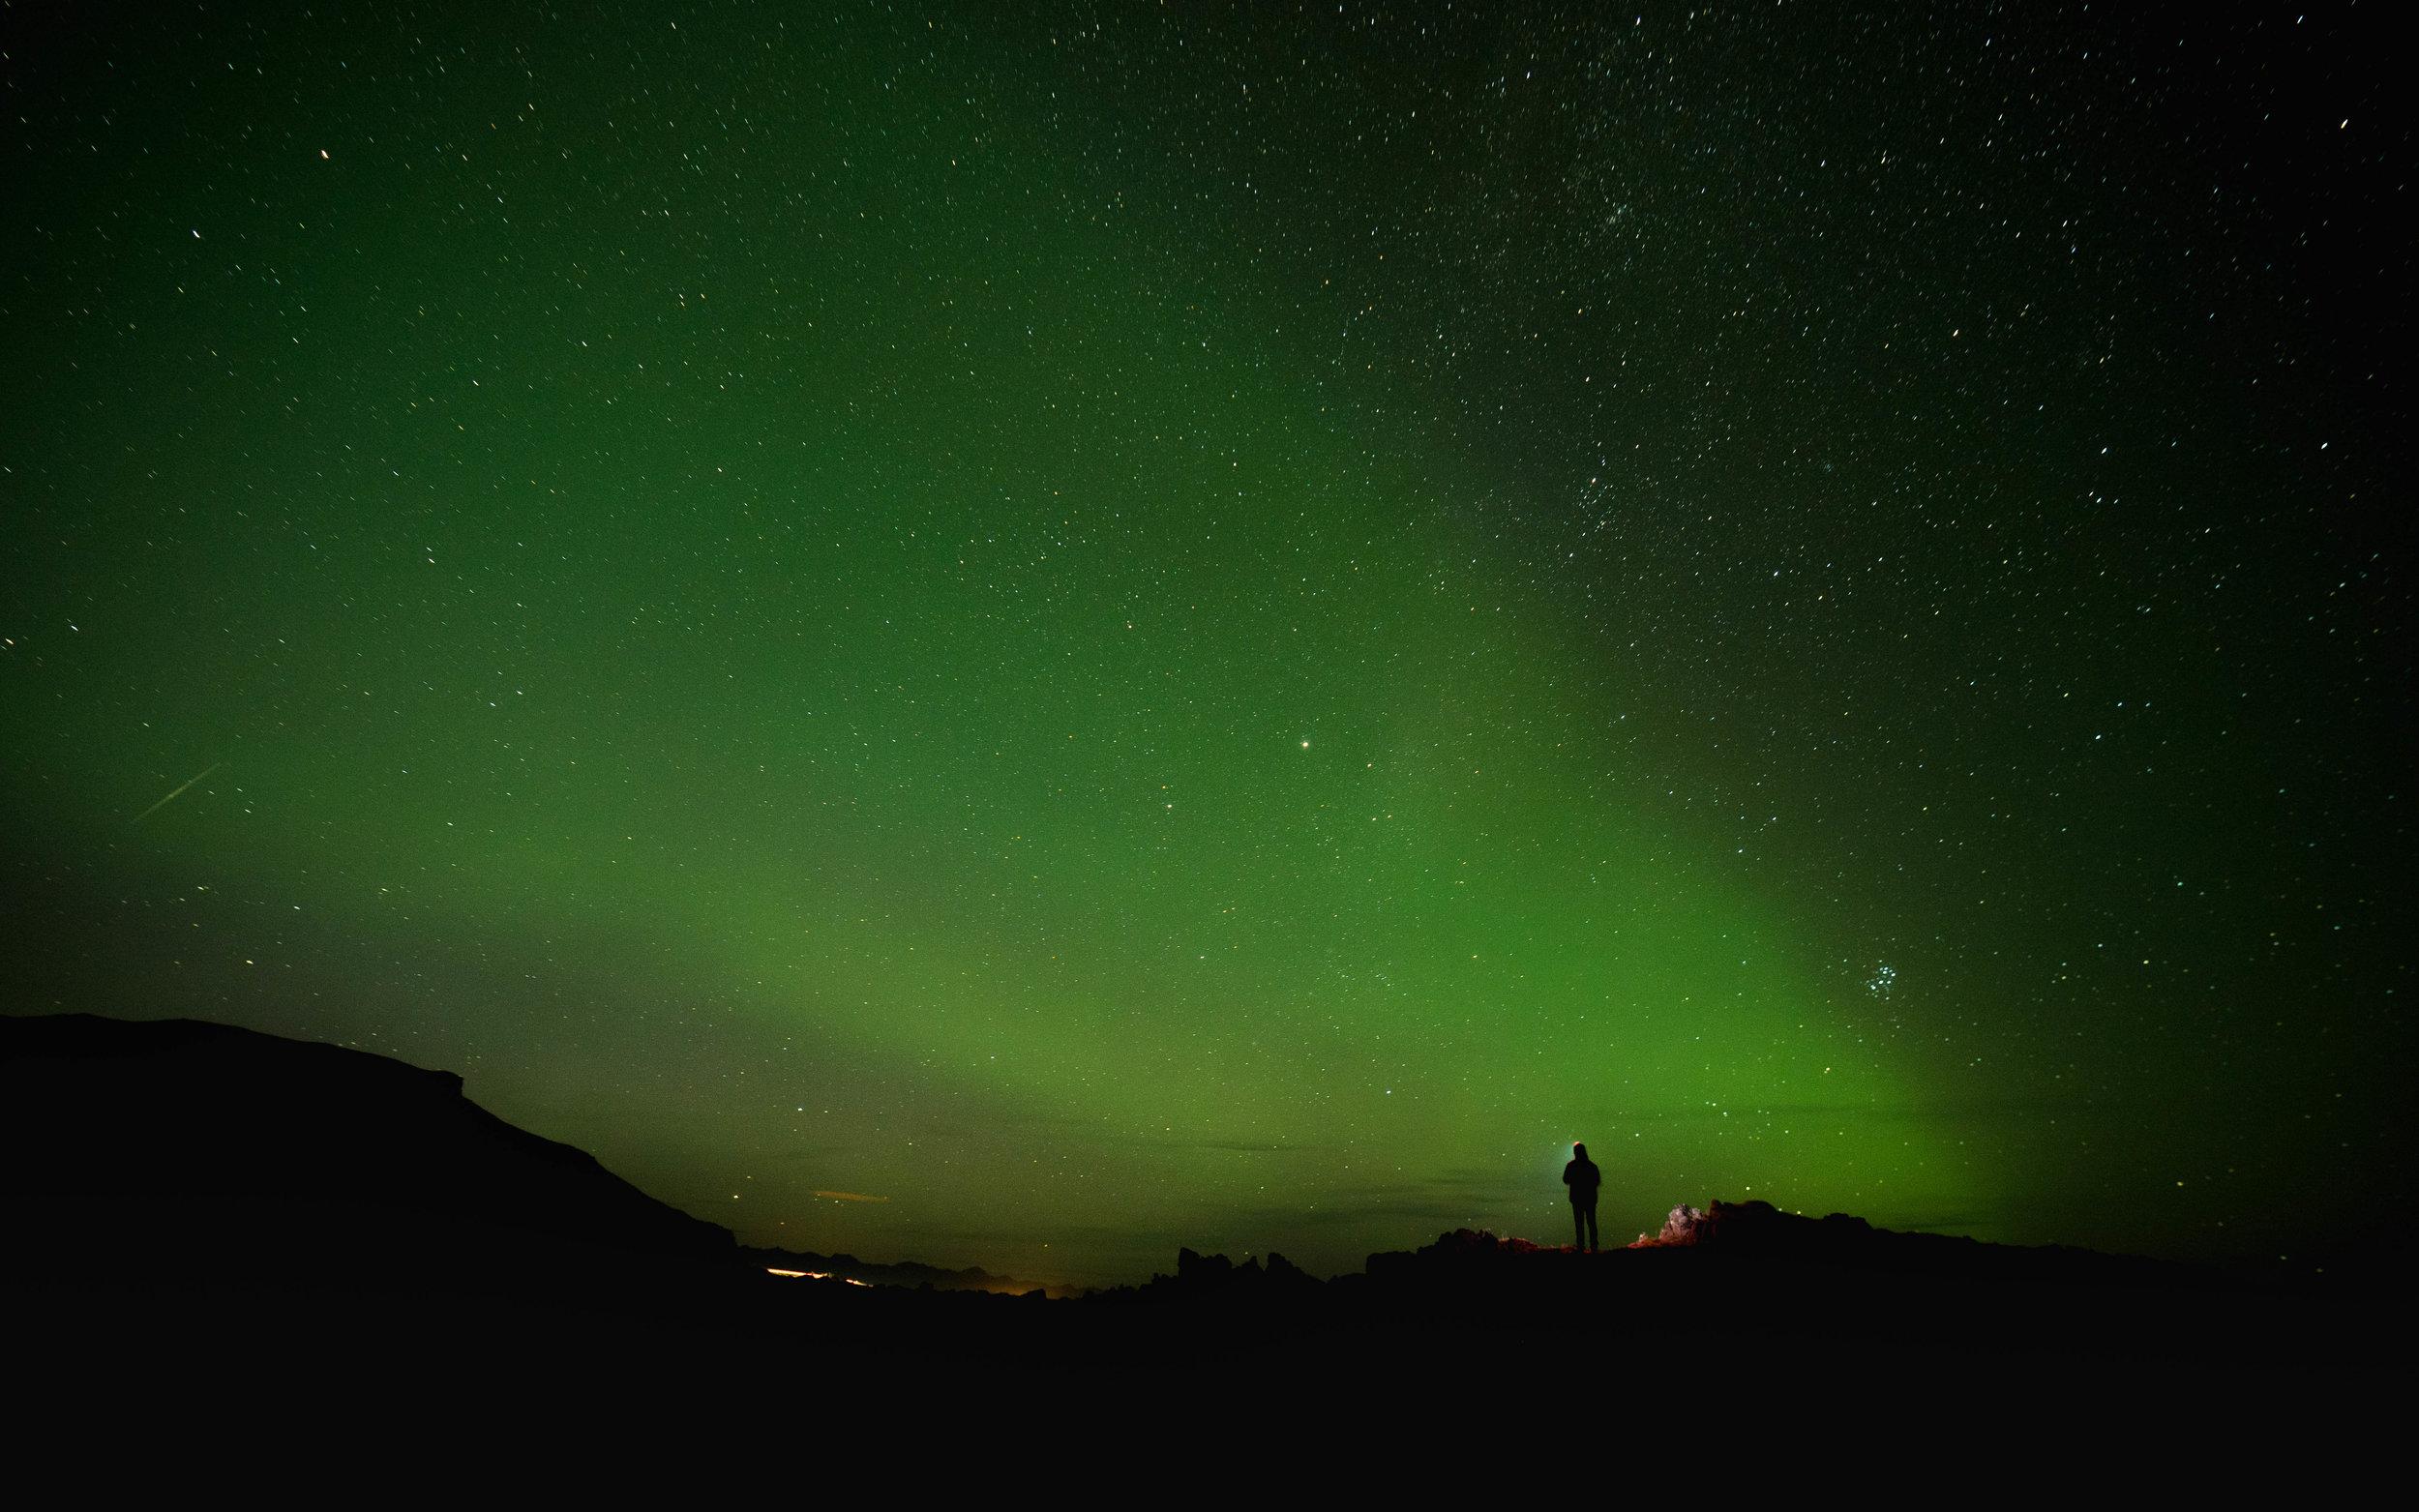 Iceland - 00593-2 - Chris Goetchius 2017.jpg